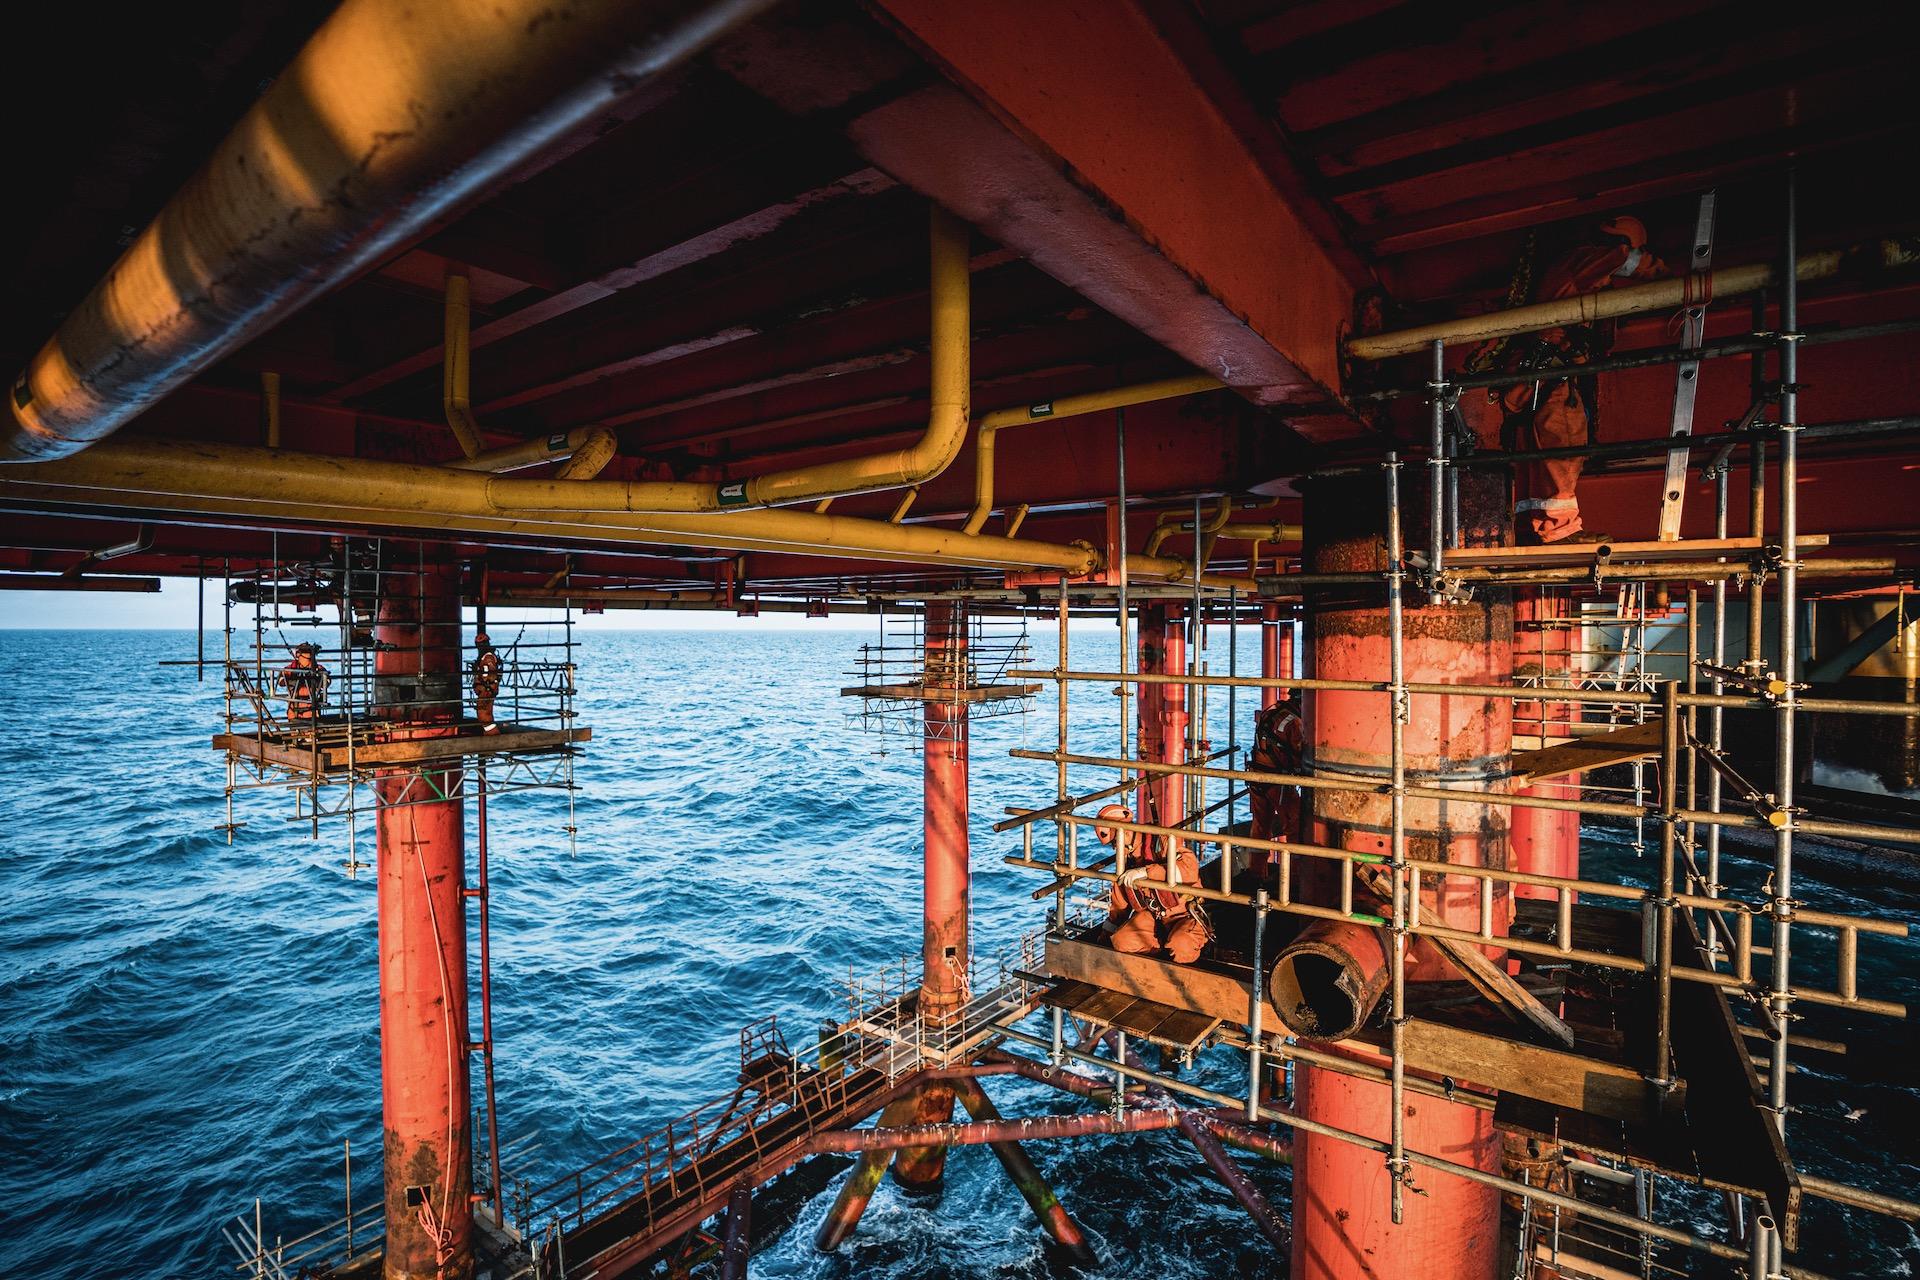 Nederland, Noordzee, 02-08-2019.  Reportage over Kraanschip Thialf. Foto van de onderkant van het boorplatform. Het lassen is klaar en de steigers etc kunnen worden afgebroken.   Foto: Siese Veenstra